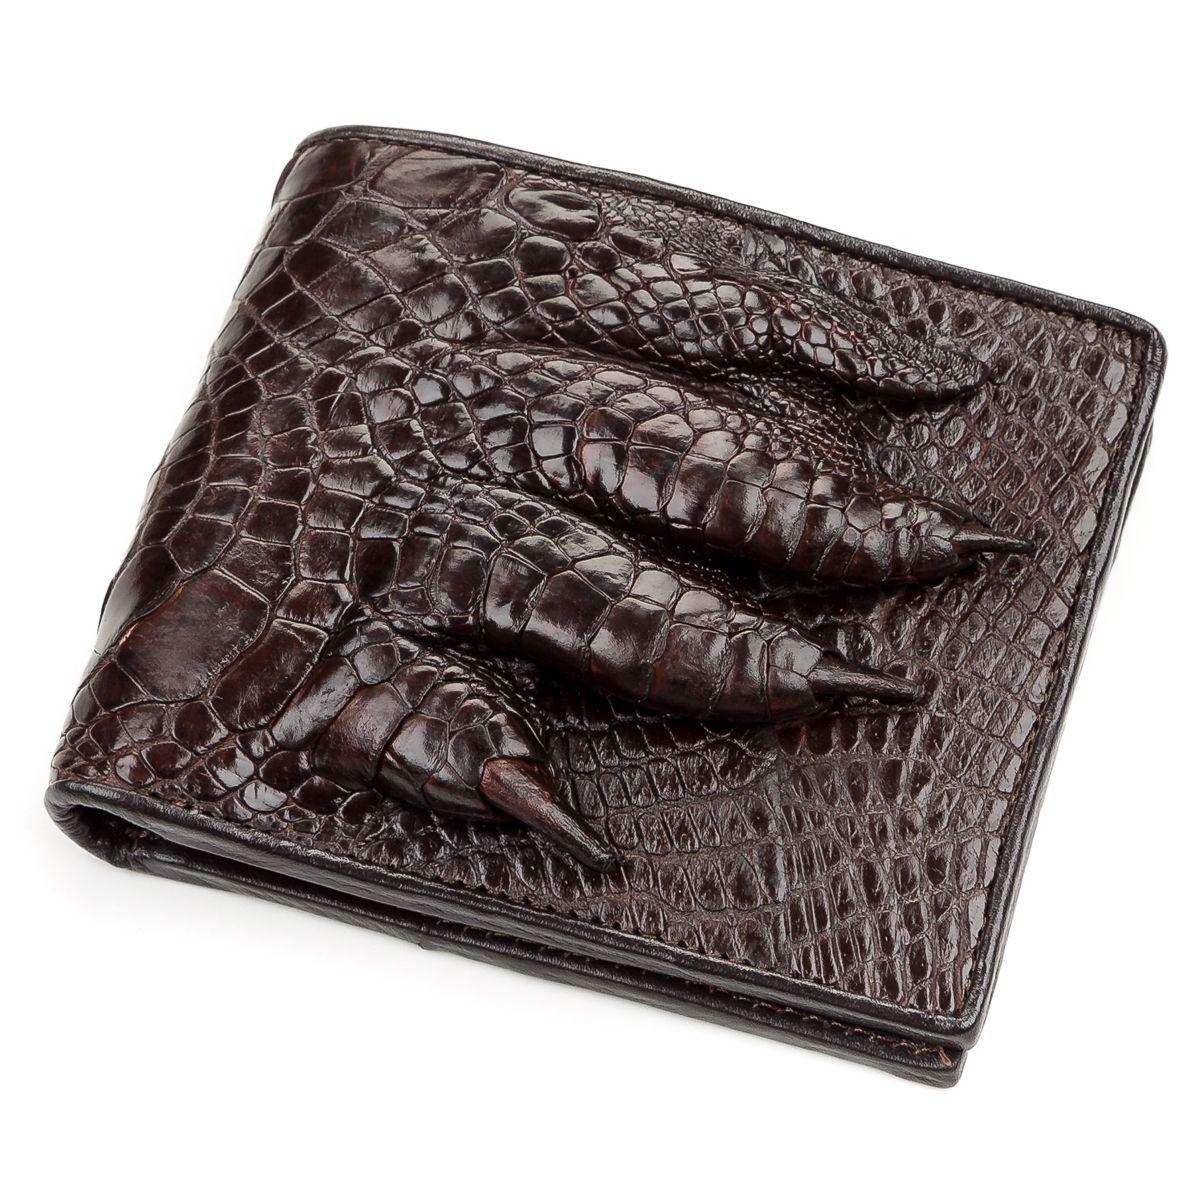 Портмоне CROCODILE LEATHER 18196 из натуральной кожи крокодила Коричневое